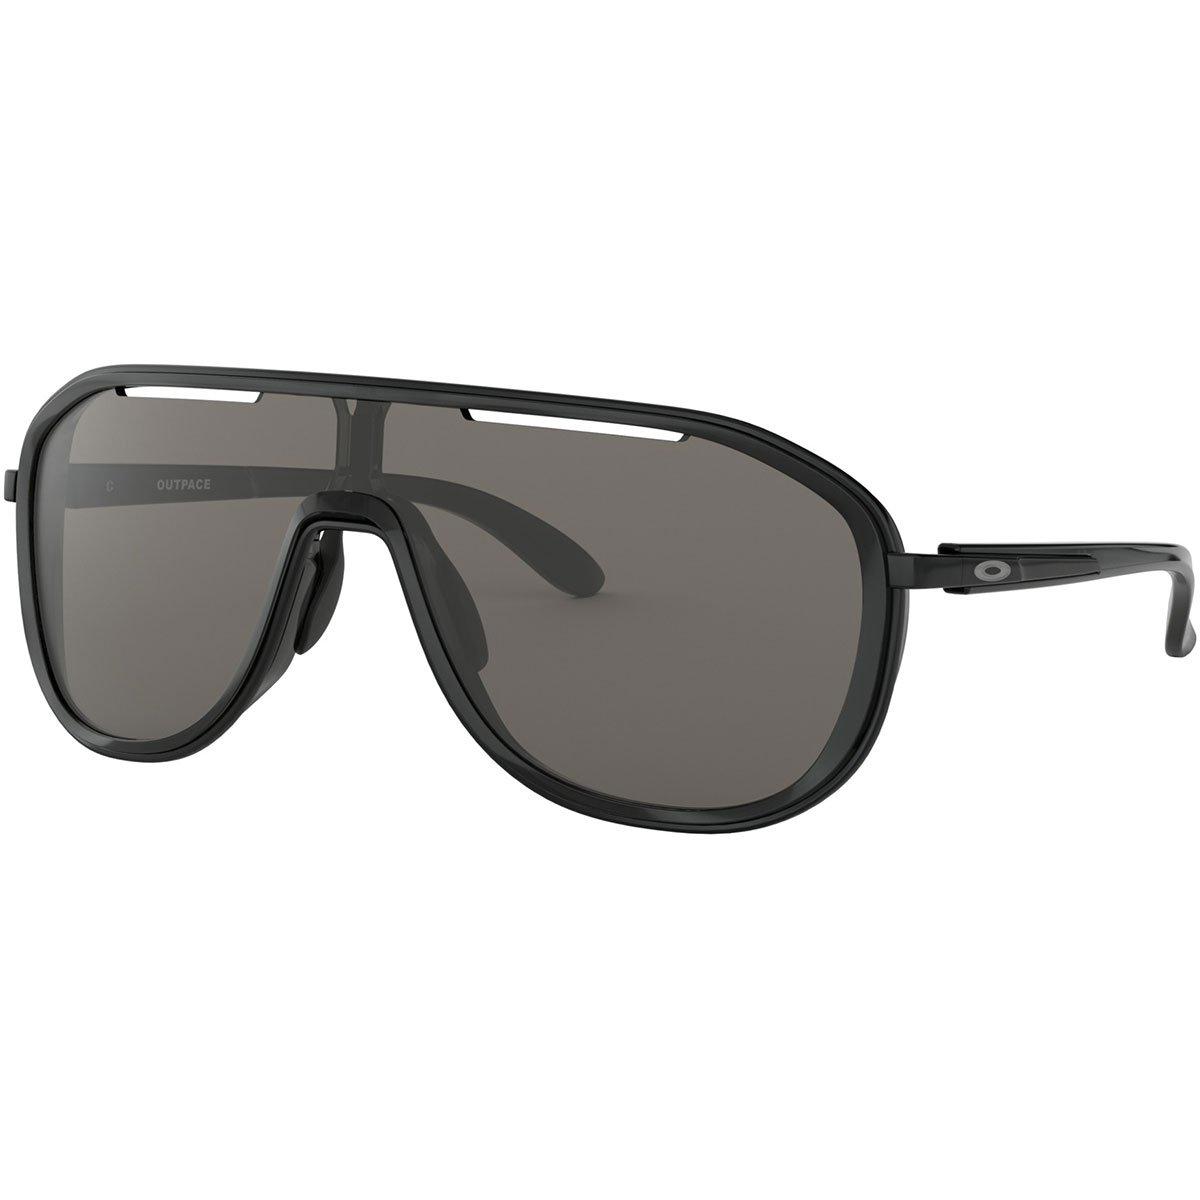 Oakley Women's OO4133 Outpace Rectangular Metal Sunglasses, Black Ink/Warm Grey, 26 mm by Oakley